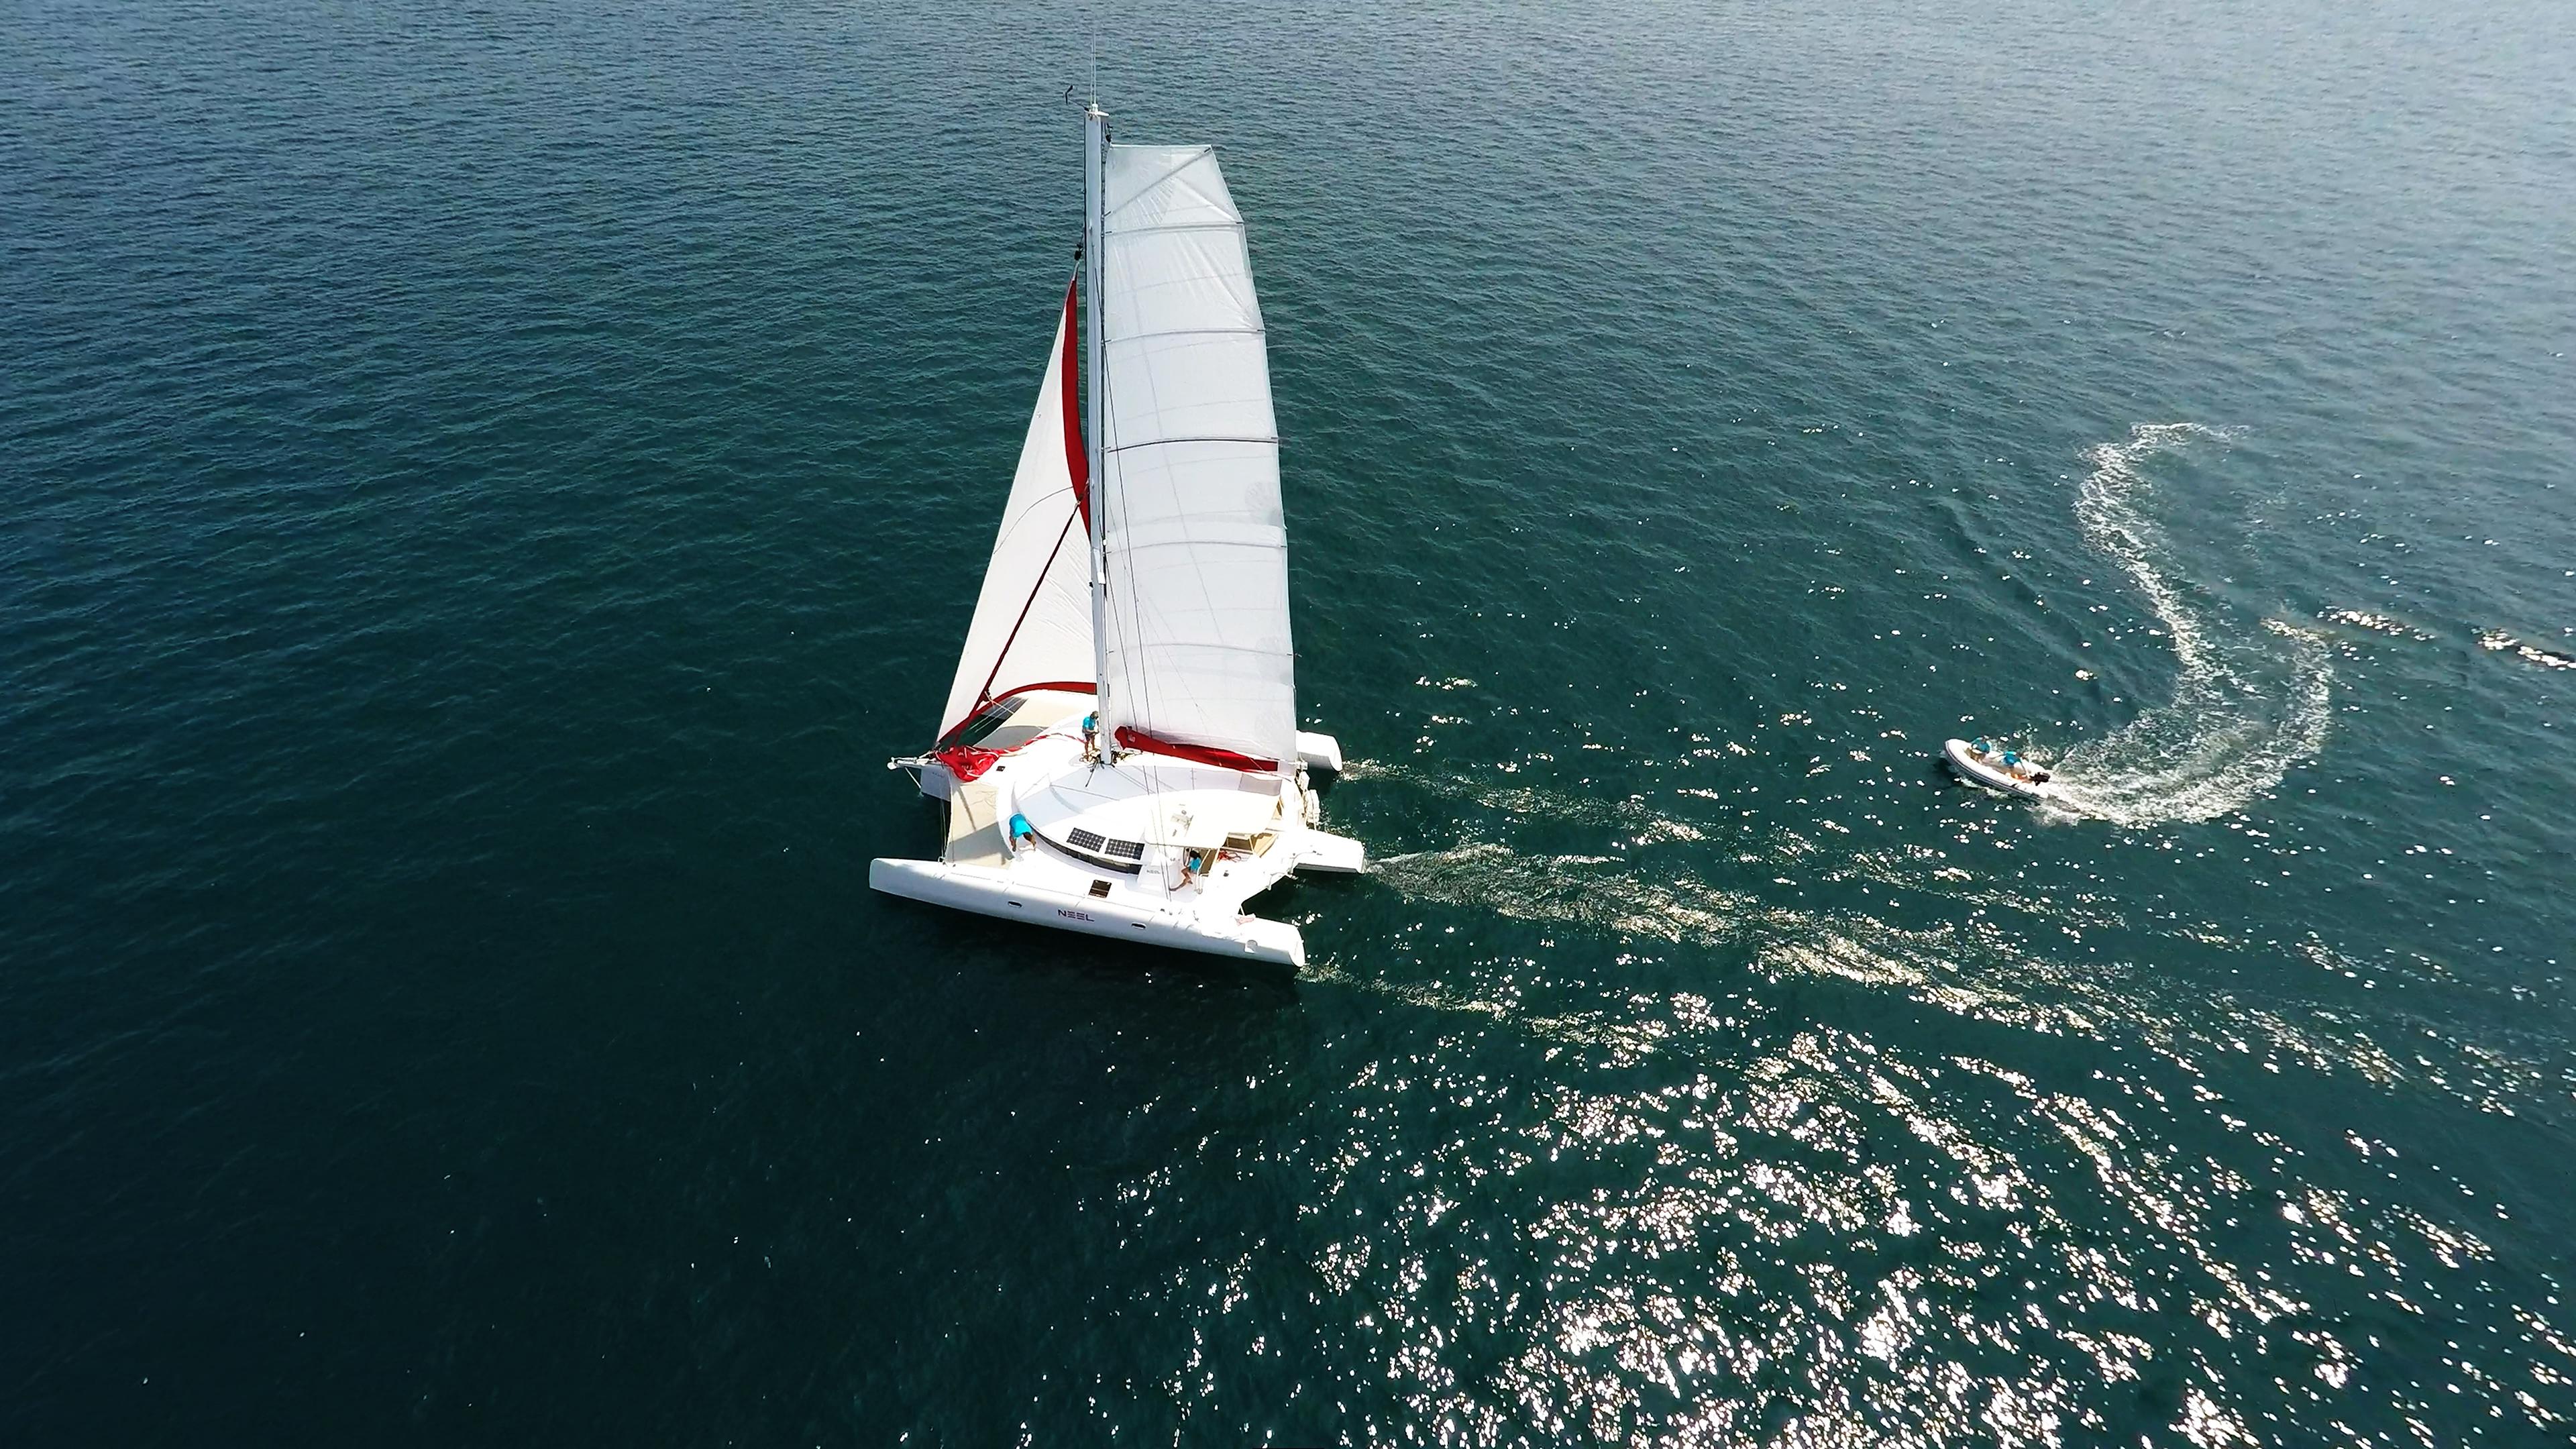 multiscafo neel 45 veleggiare e tender